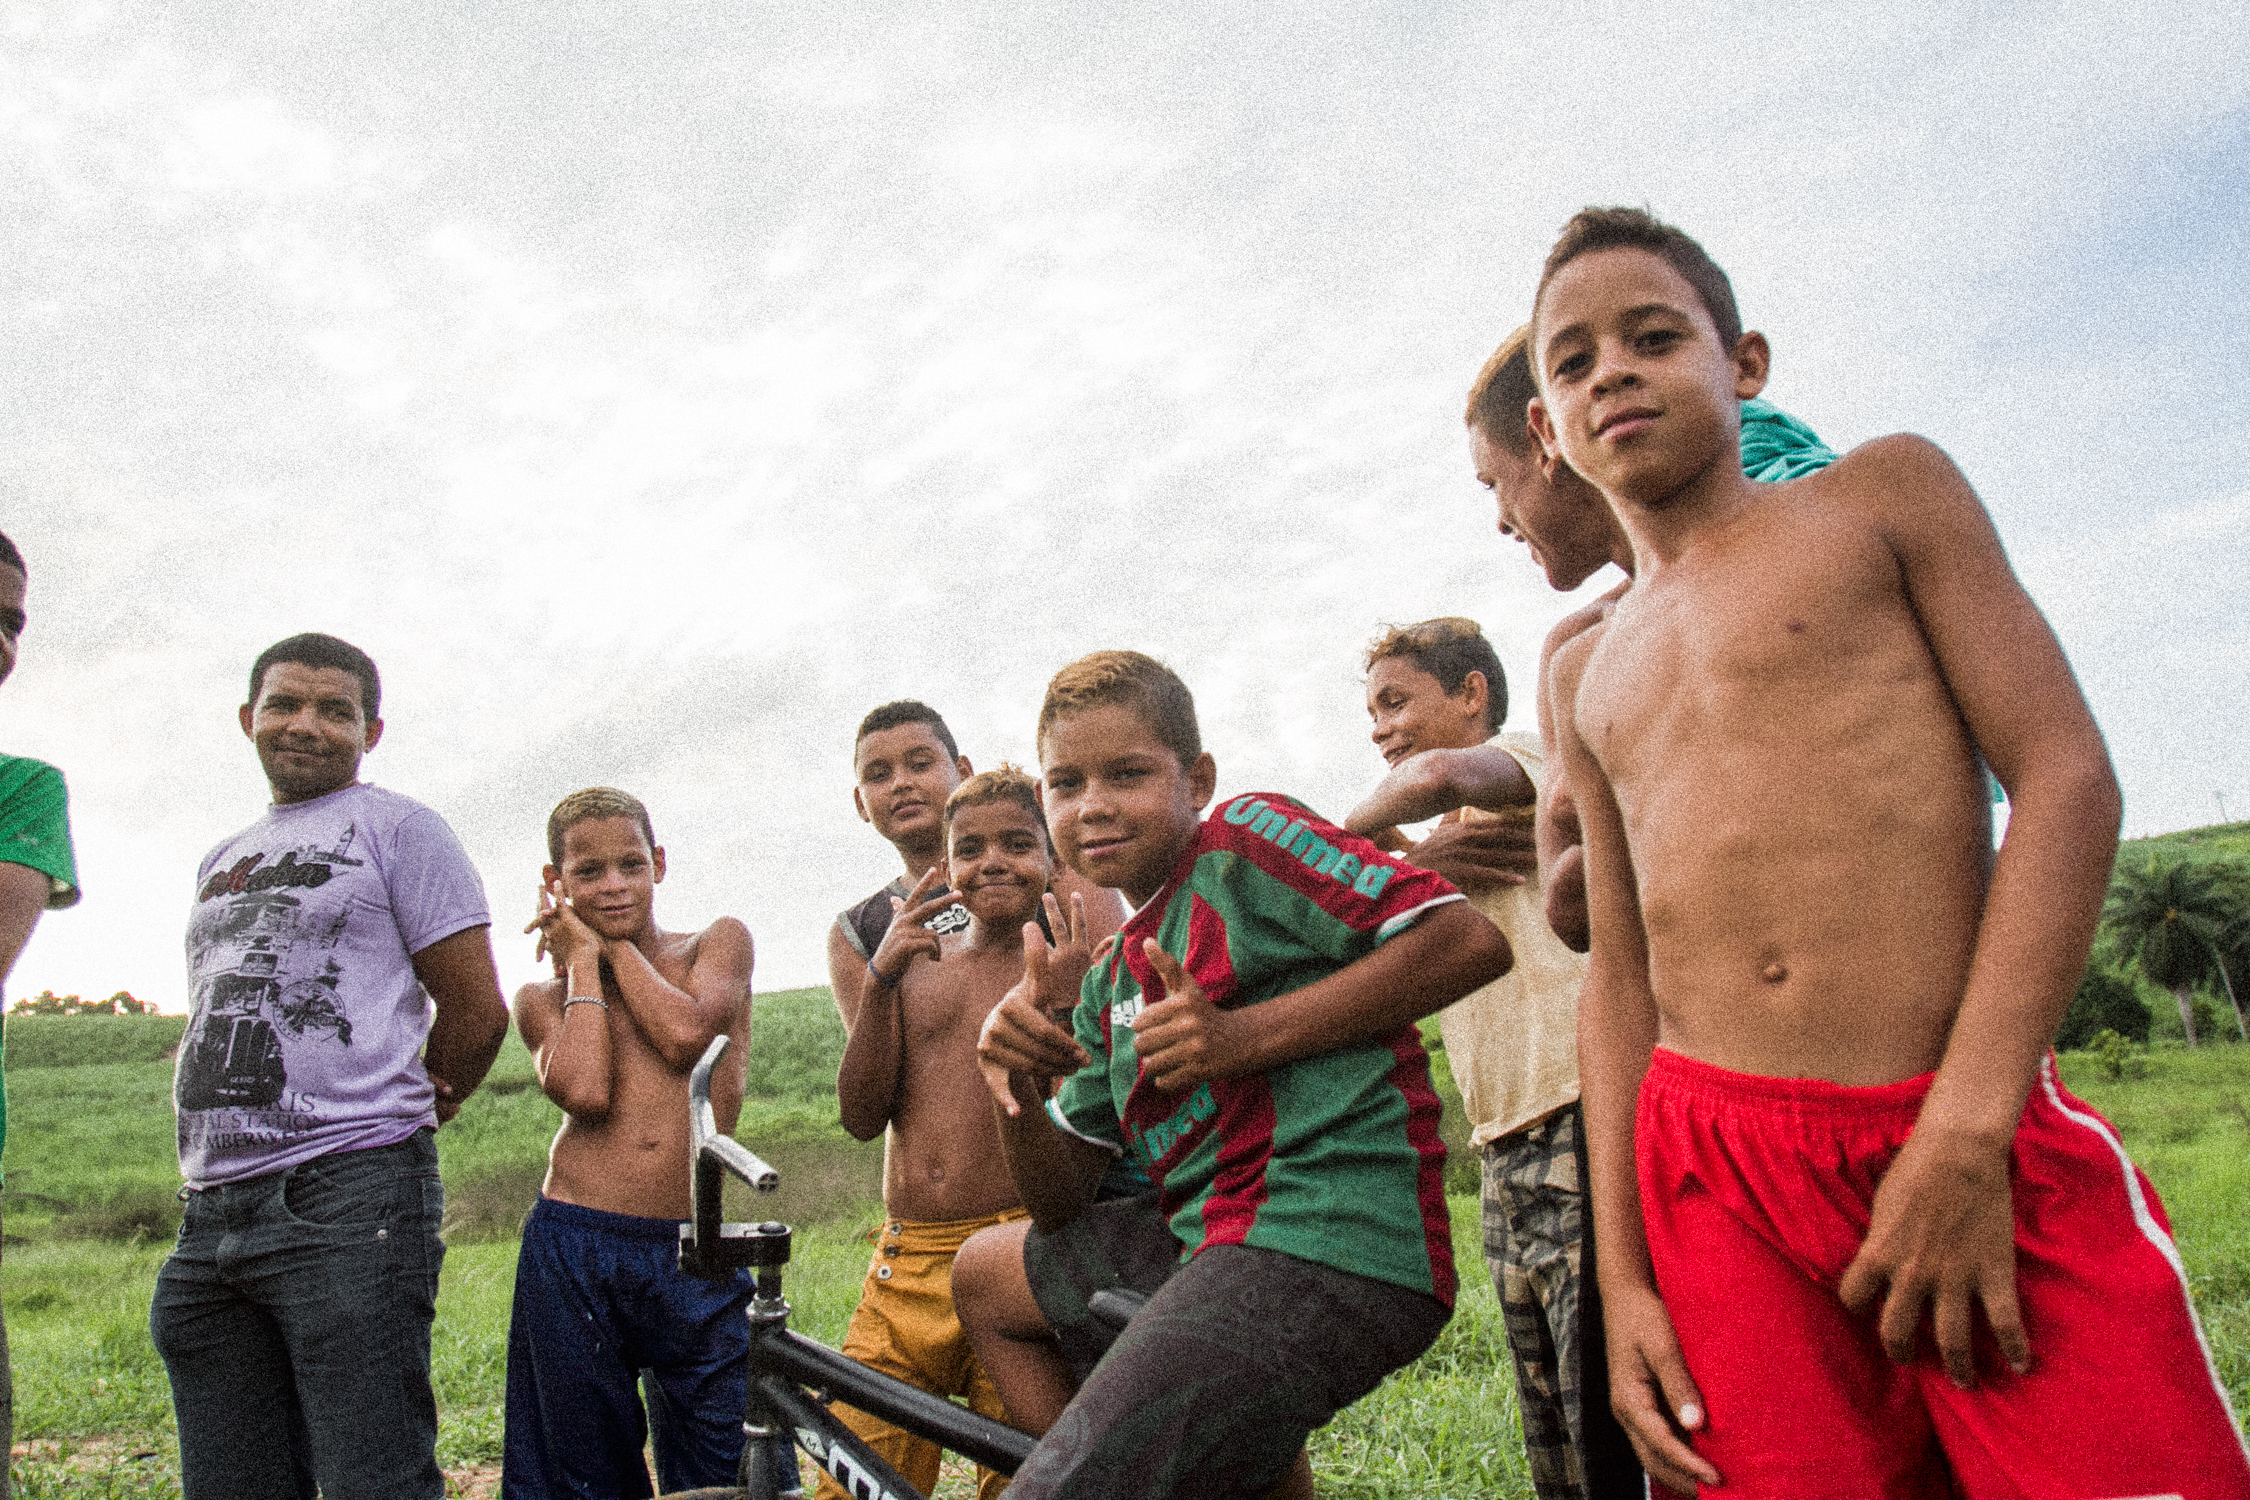 2016.02.24 - Condado - Maracatu Rural (Sya 7D - 24-70mm)_264 - LR (JPG 1500px 72 DPI).jpg